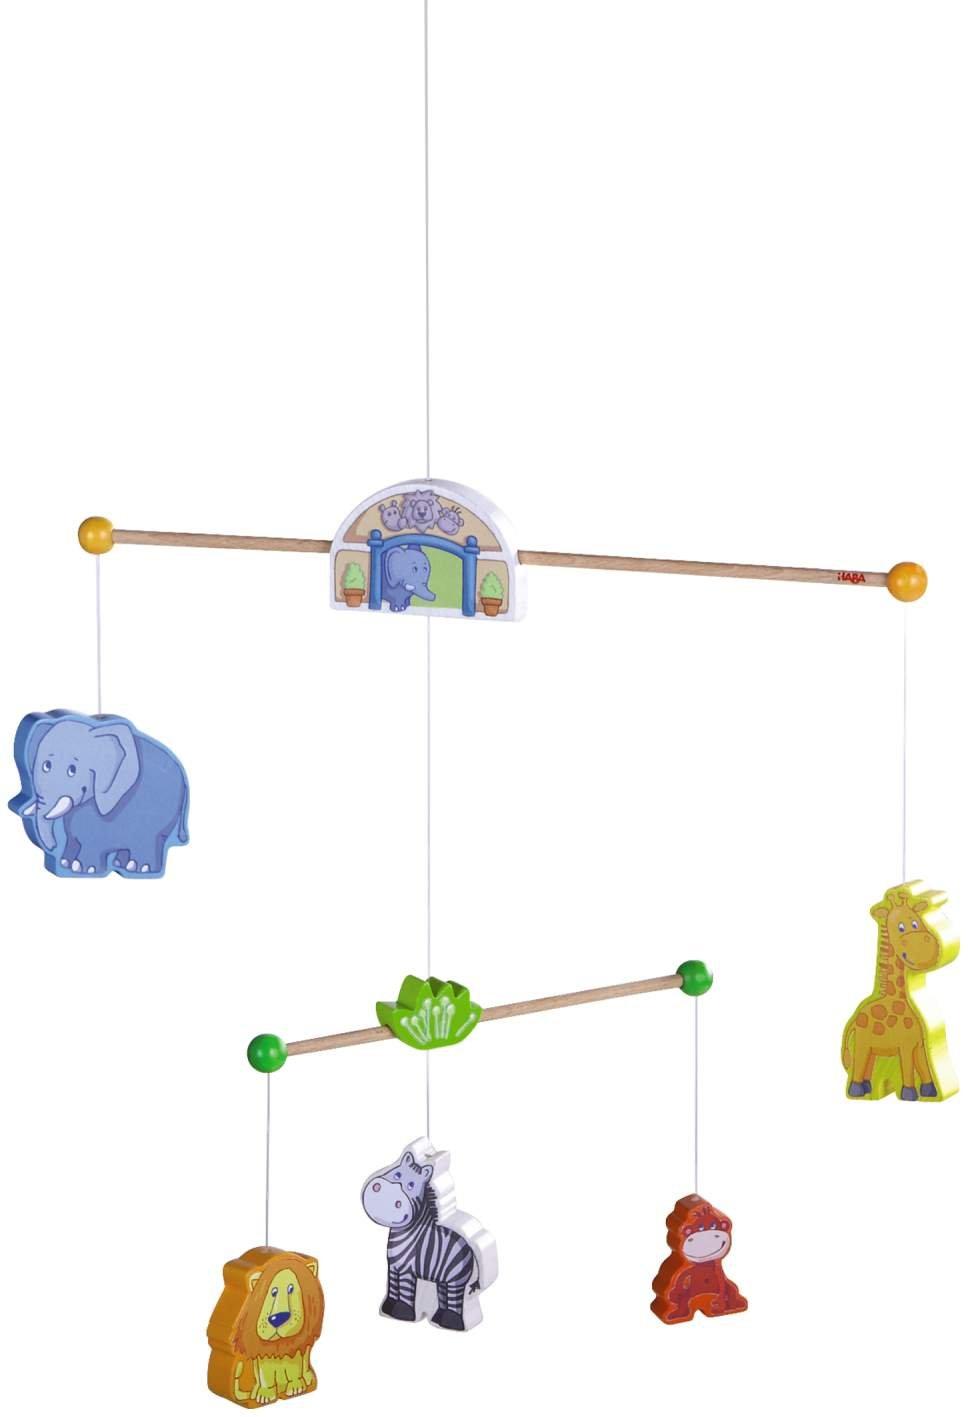 HABA 7632 - Meine erste Spielwelt Zoo - Mobile Zoofreunde